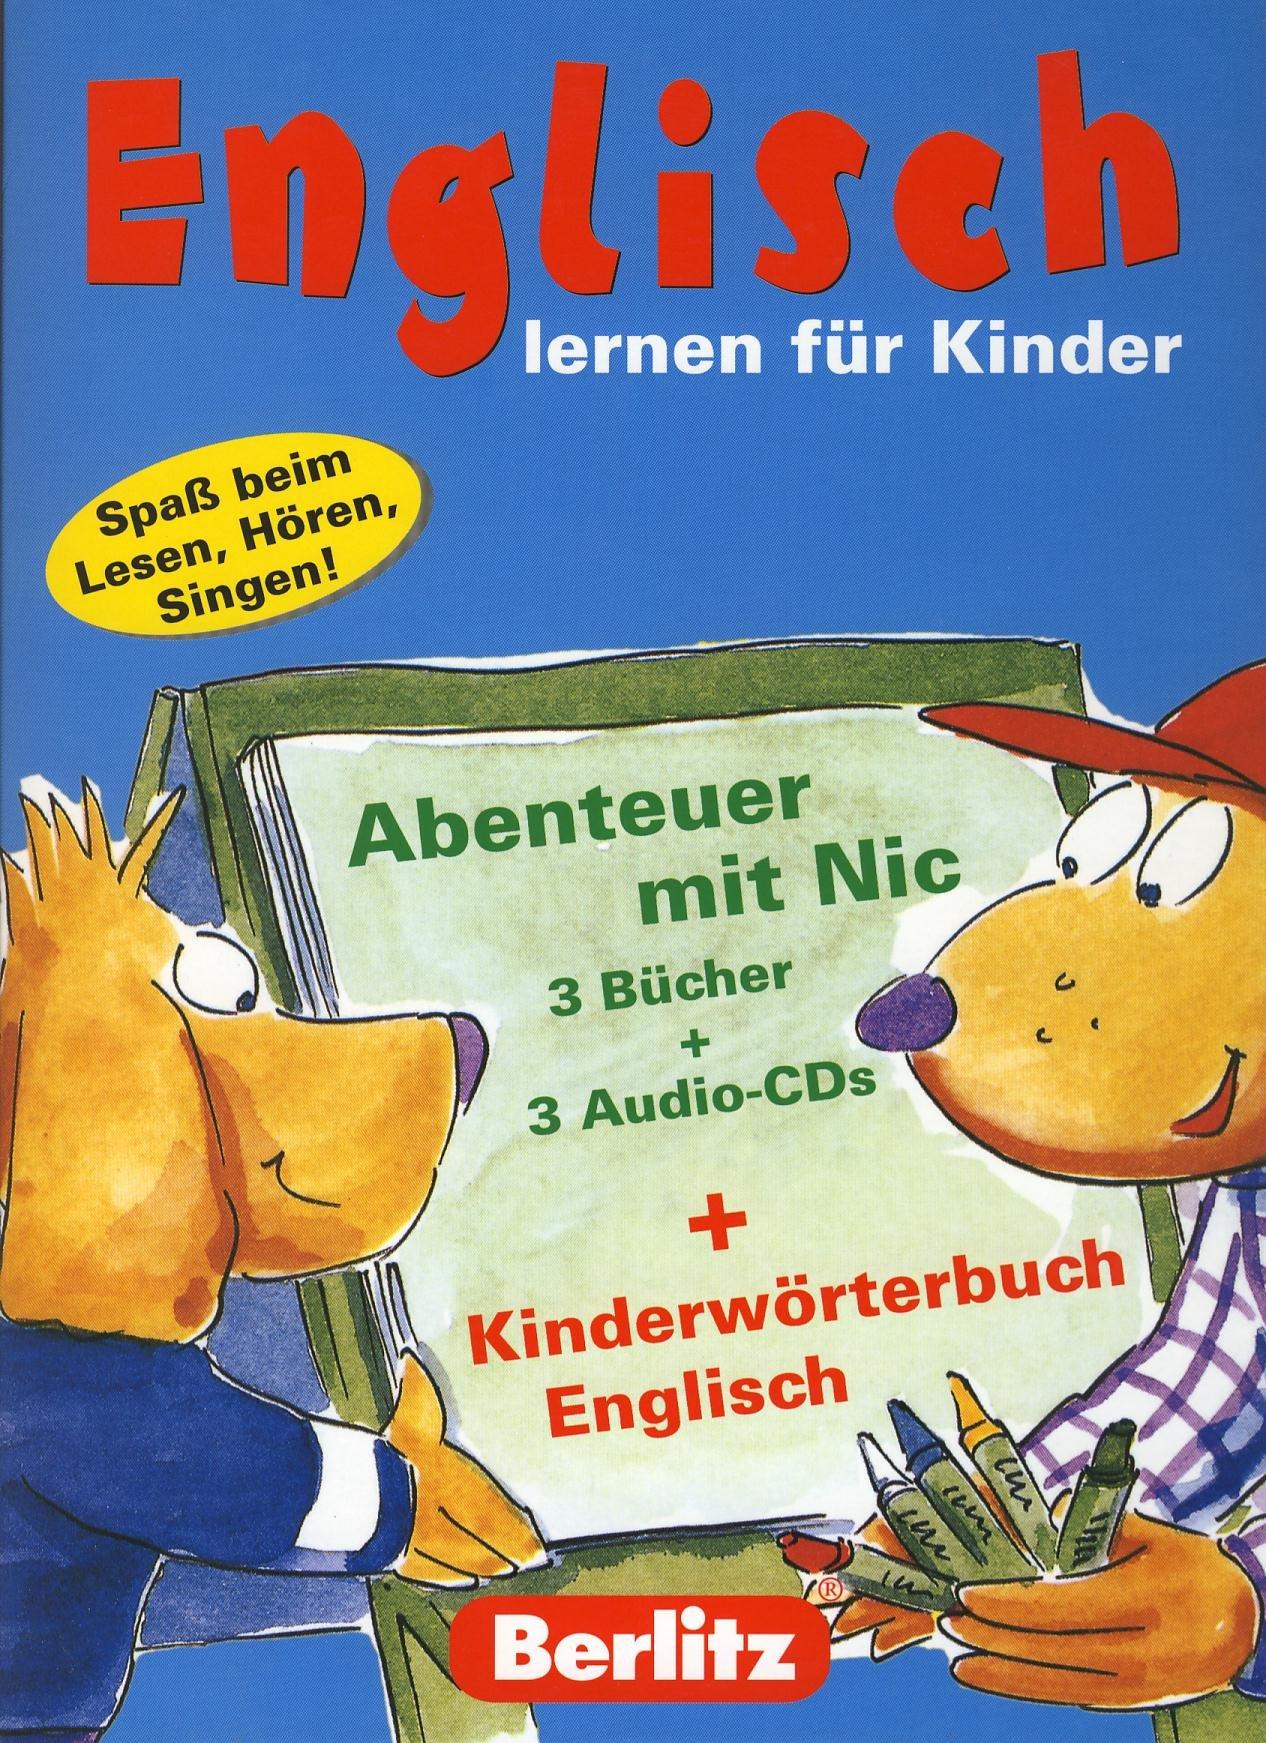 Berlitz Sprachlernbox für Kinder Englisch